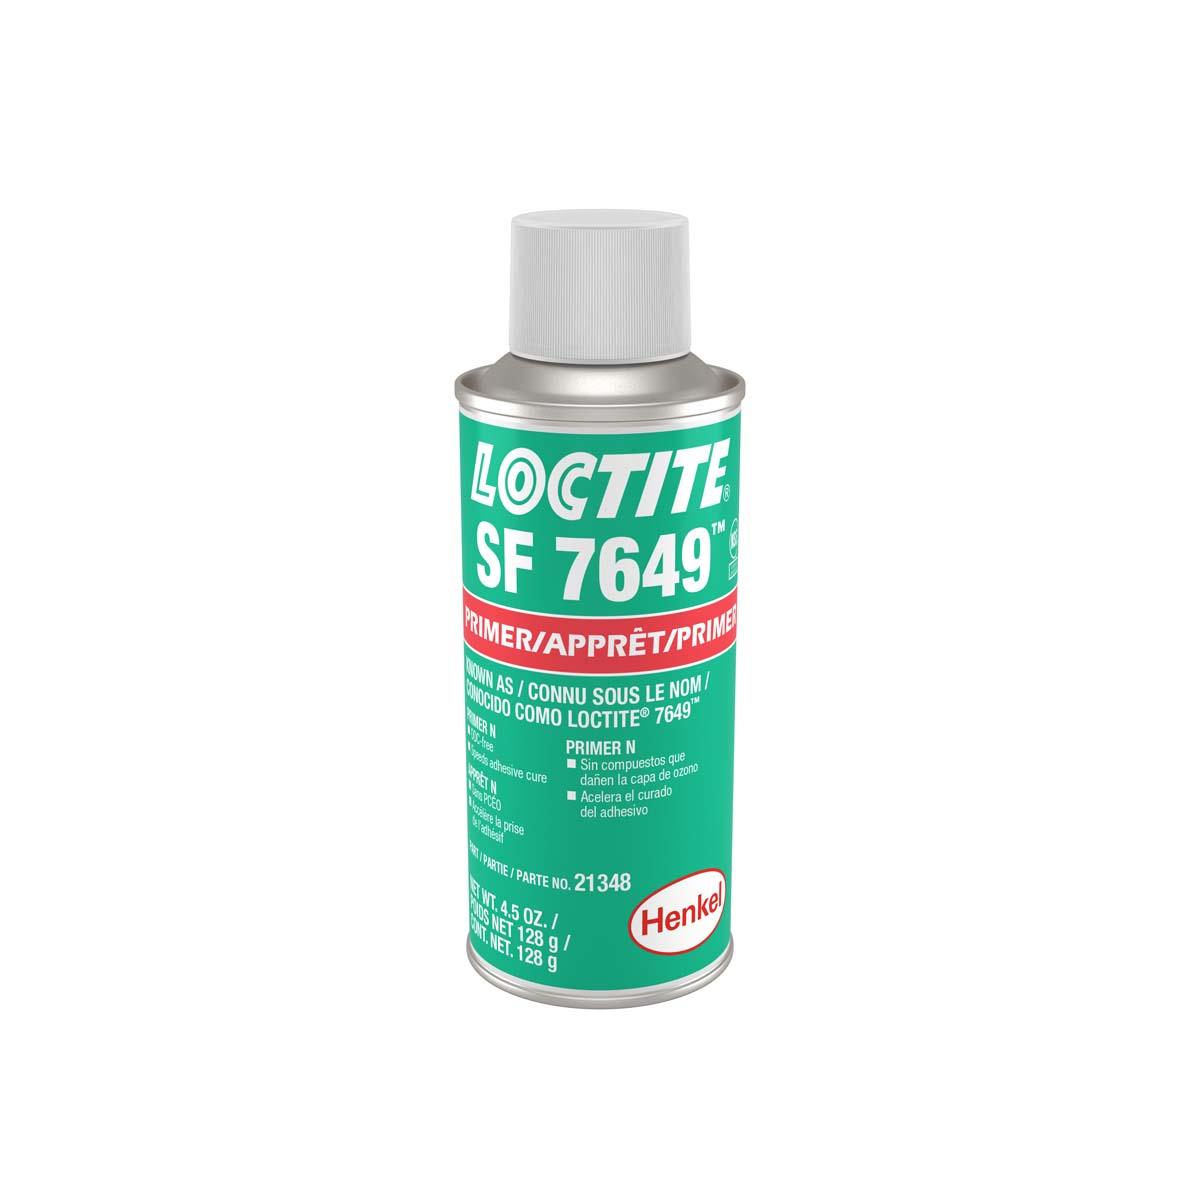 Loctite SF 7649 Primer